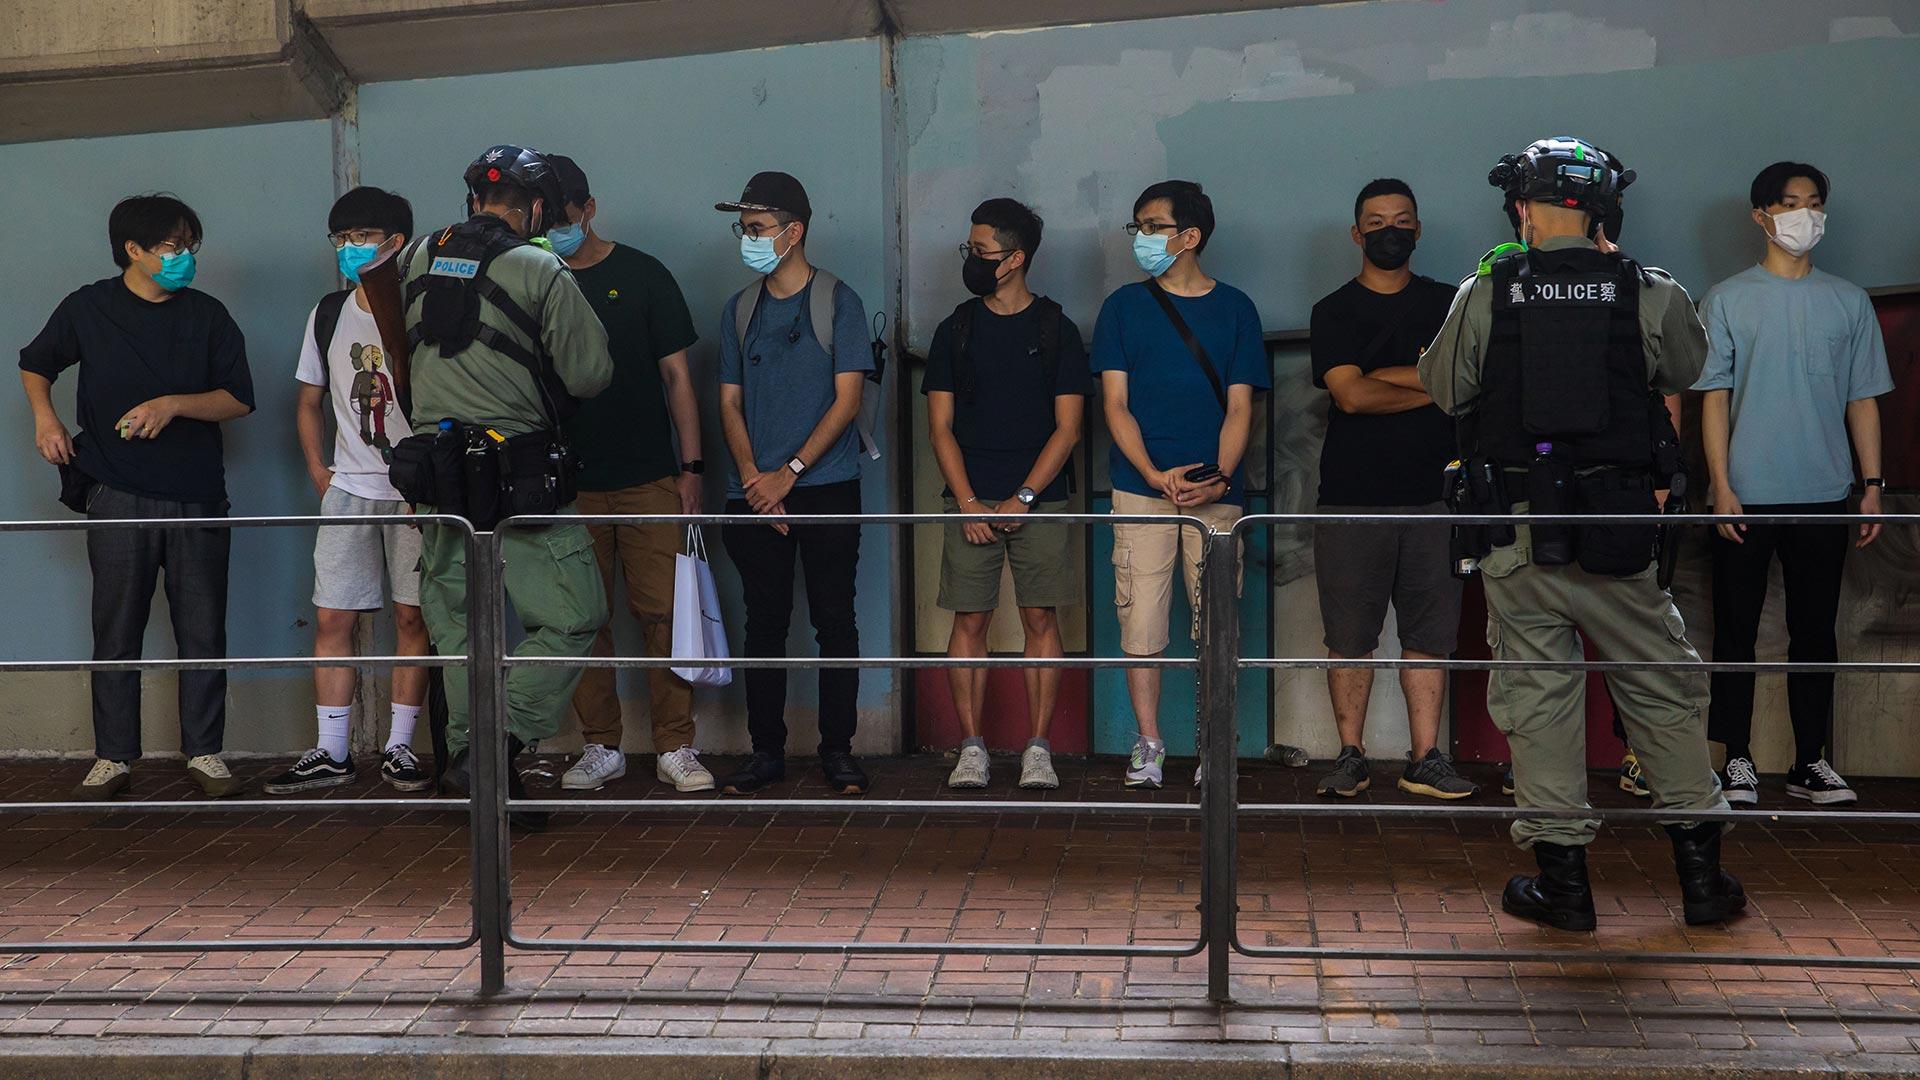 La policía interroga a algunos de los manifestantes